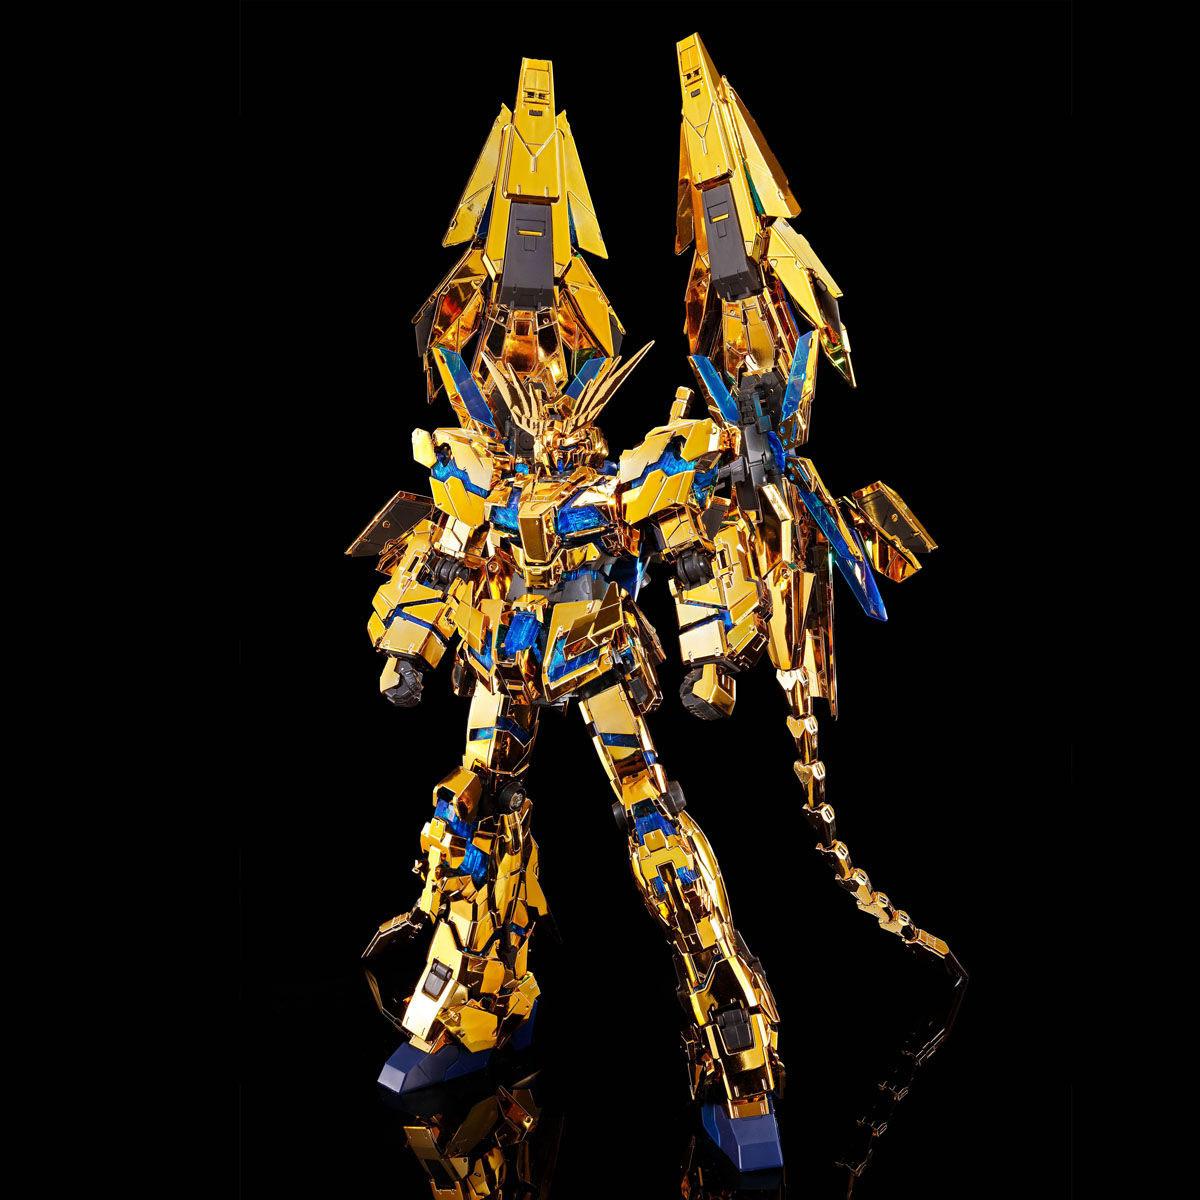 【限定販売】RG 1/144『ユニコーンガンダム3号機 フェネクス(ナラティブVer.)』プラモデル-002